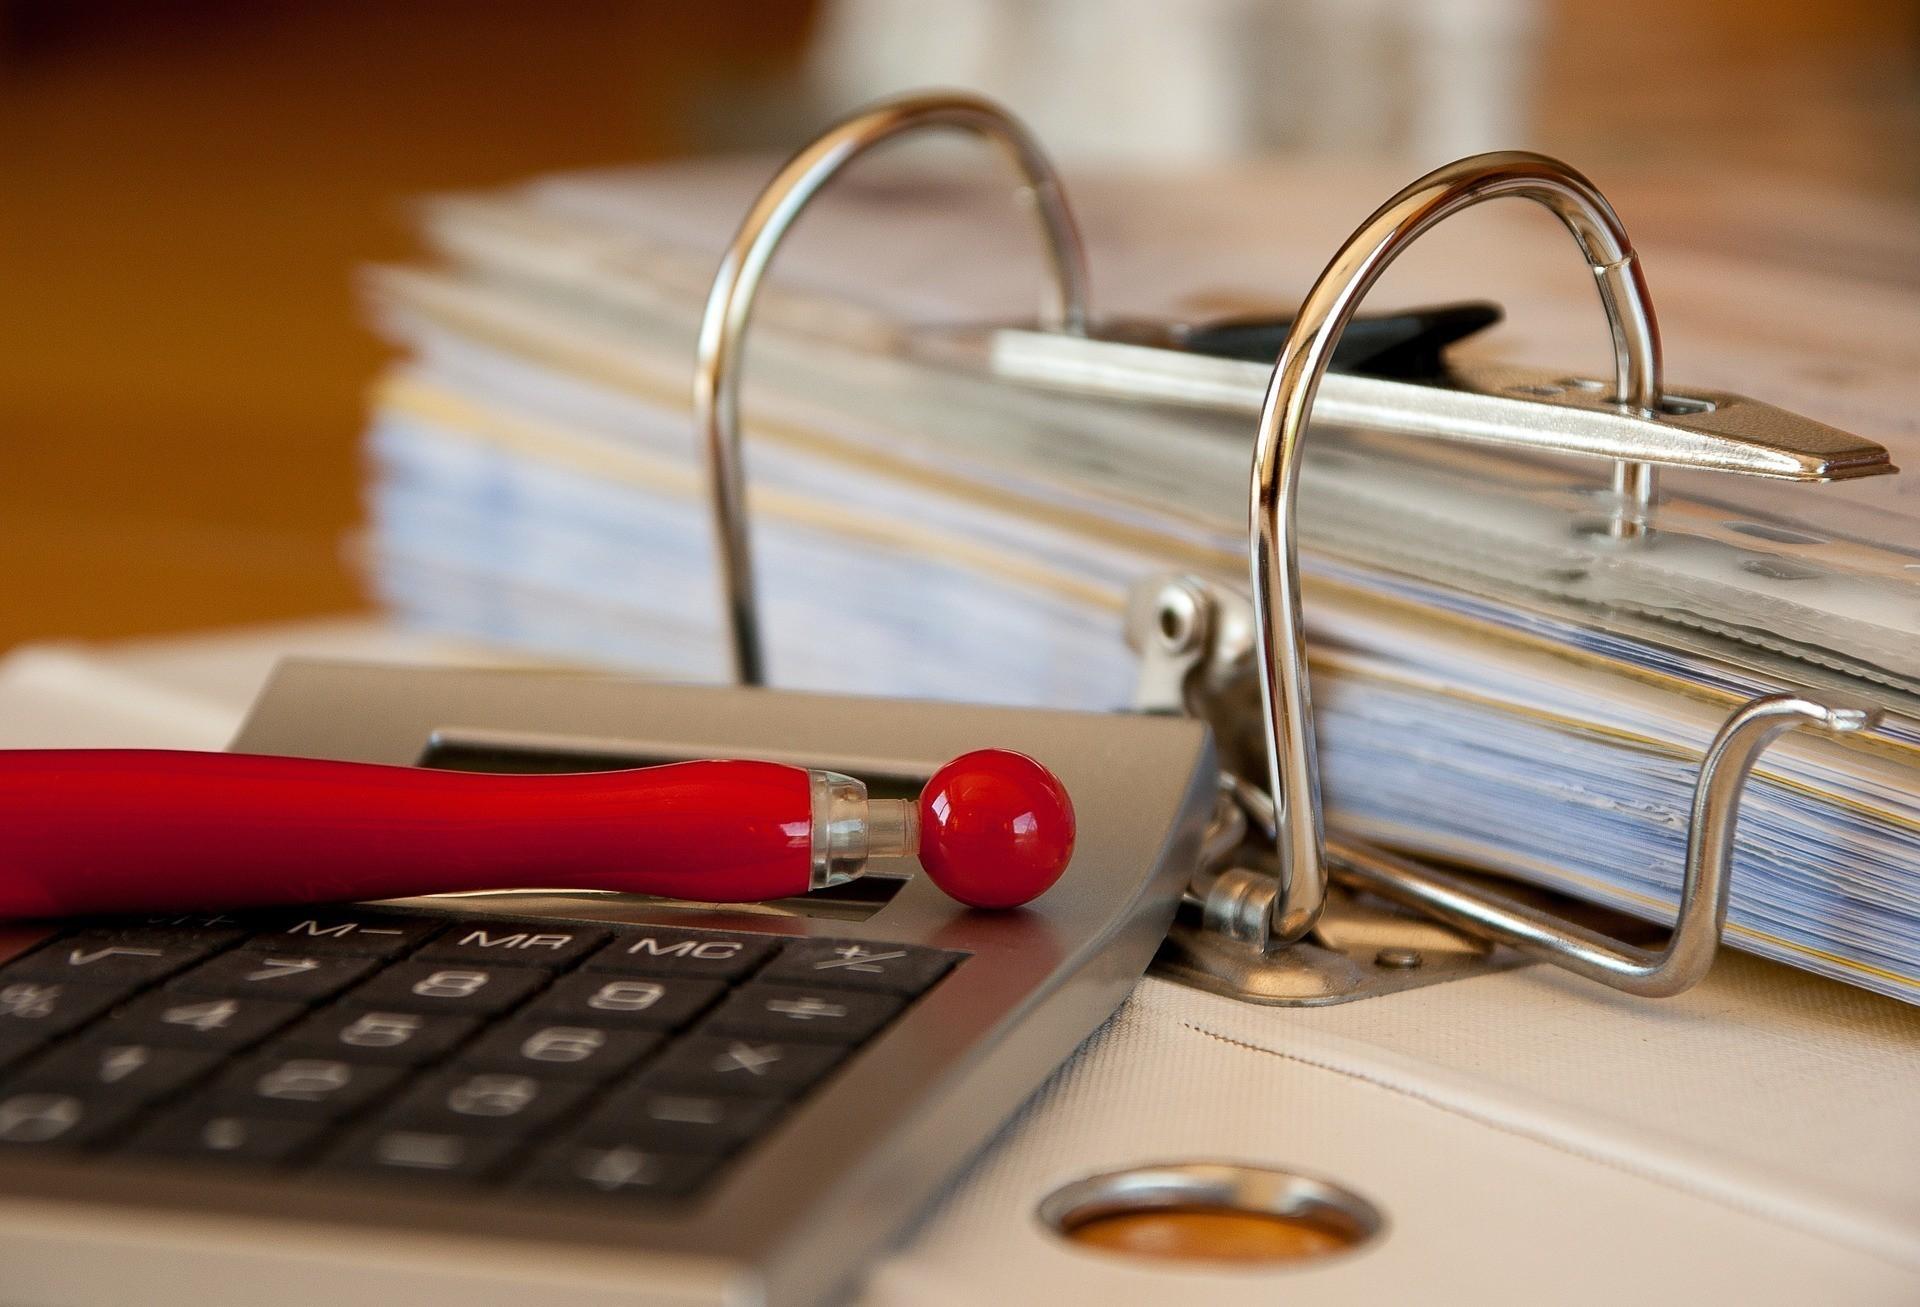 Φόρος κληρονομιάς, δωρεάς και γονικής παροχής: Πότε λήγει η παράταση για δηλώσεις